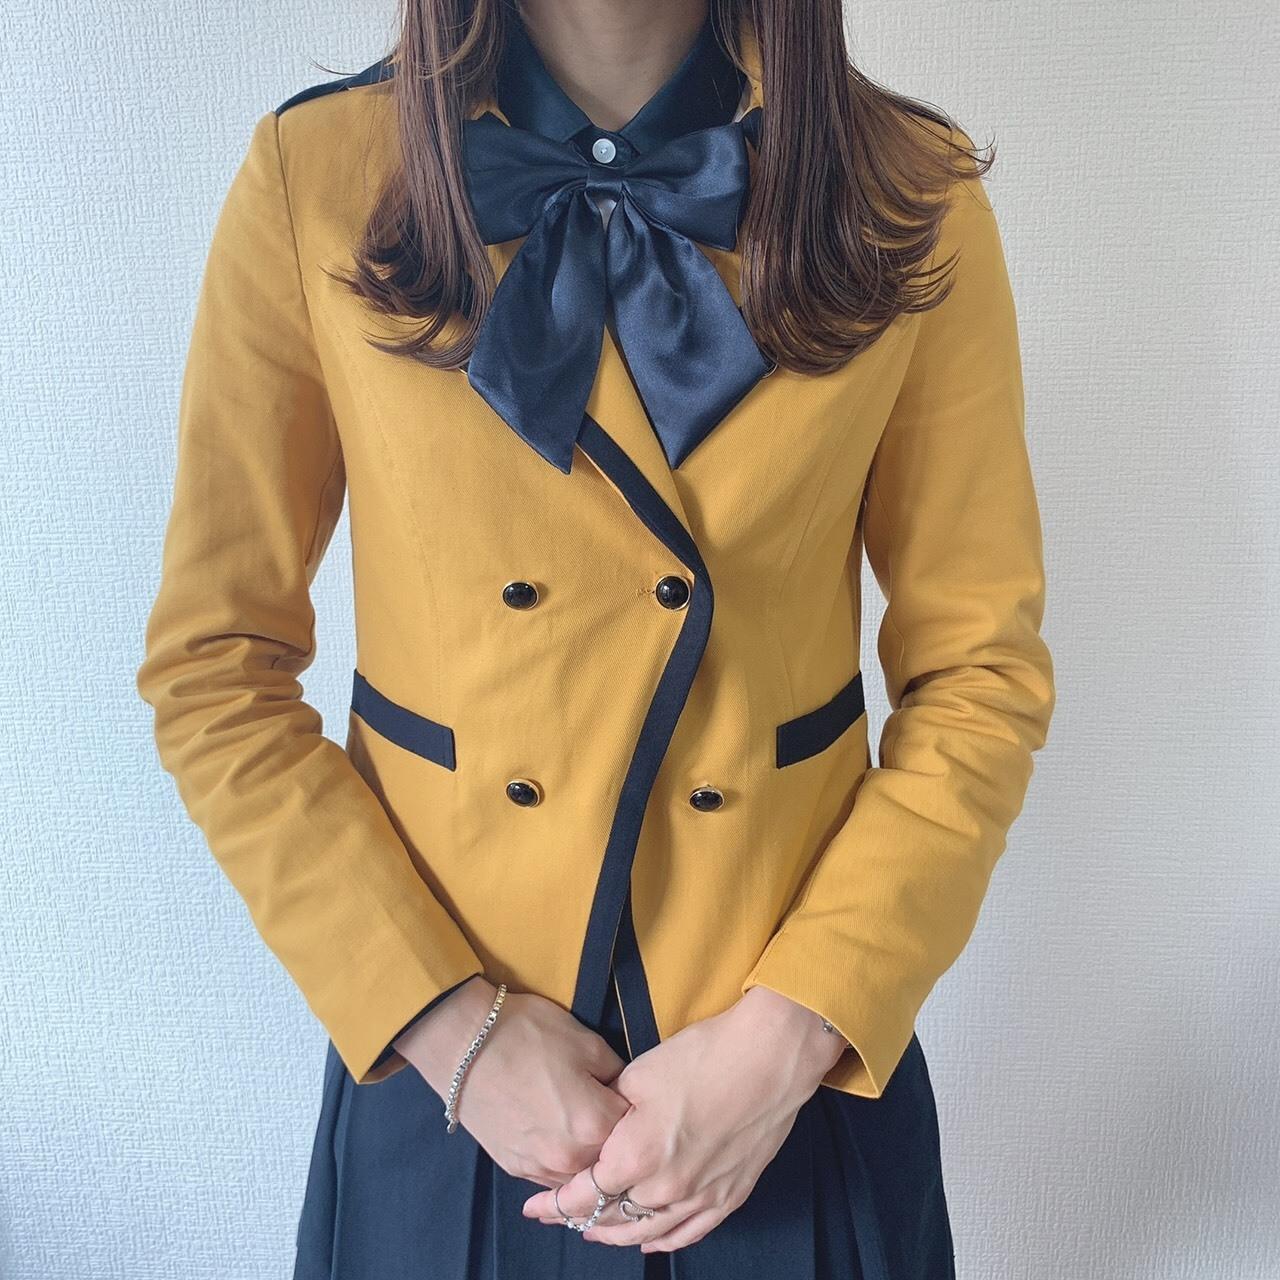 憧れの韓国風制服にチャレンジせよ♡